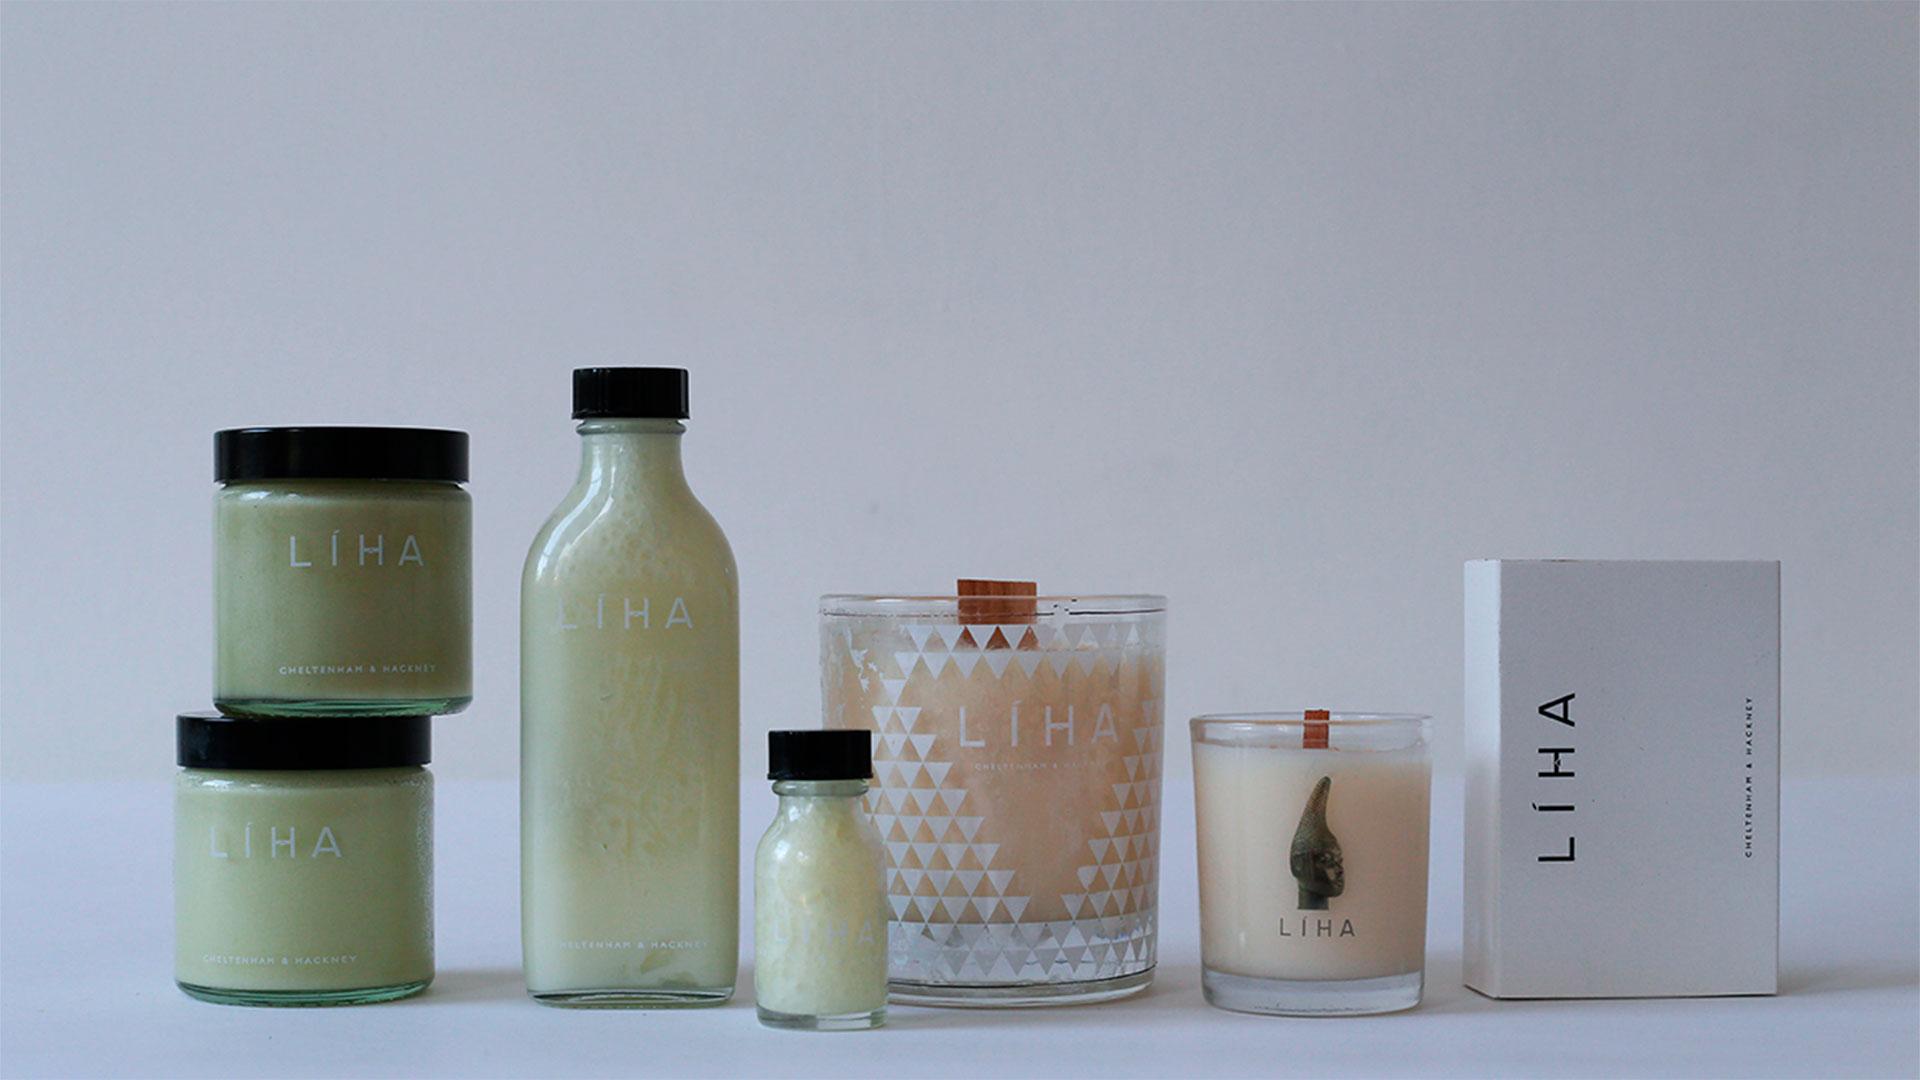 Productos de cosmética orgánica de Liha de Cheltenham Hackney